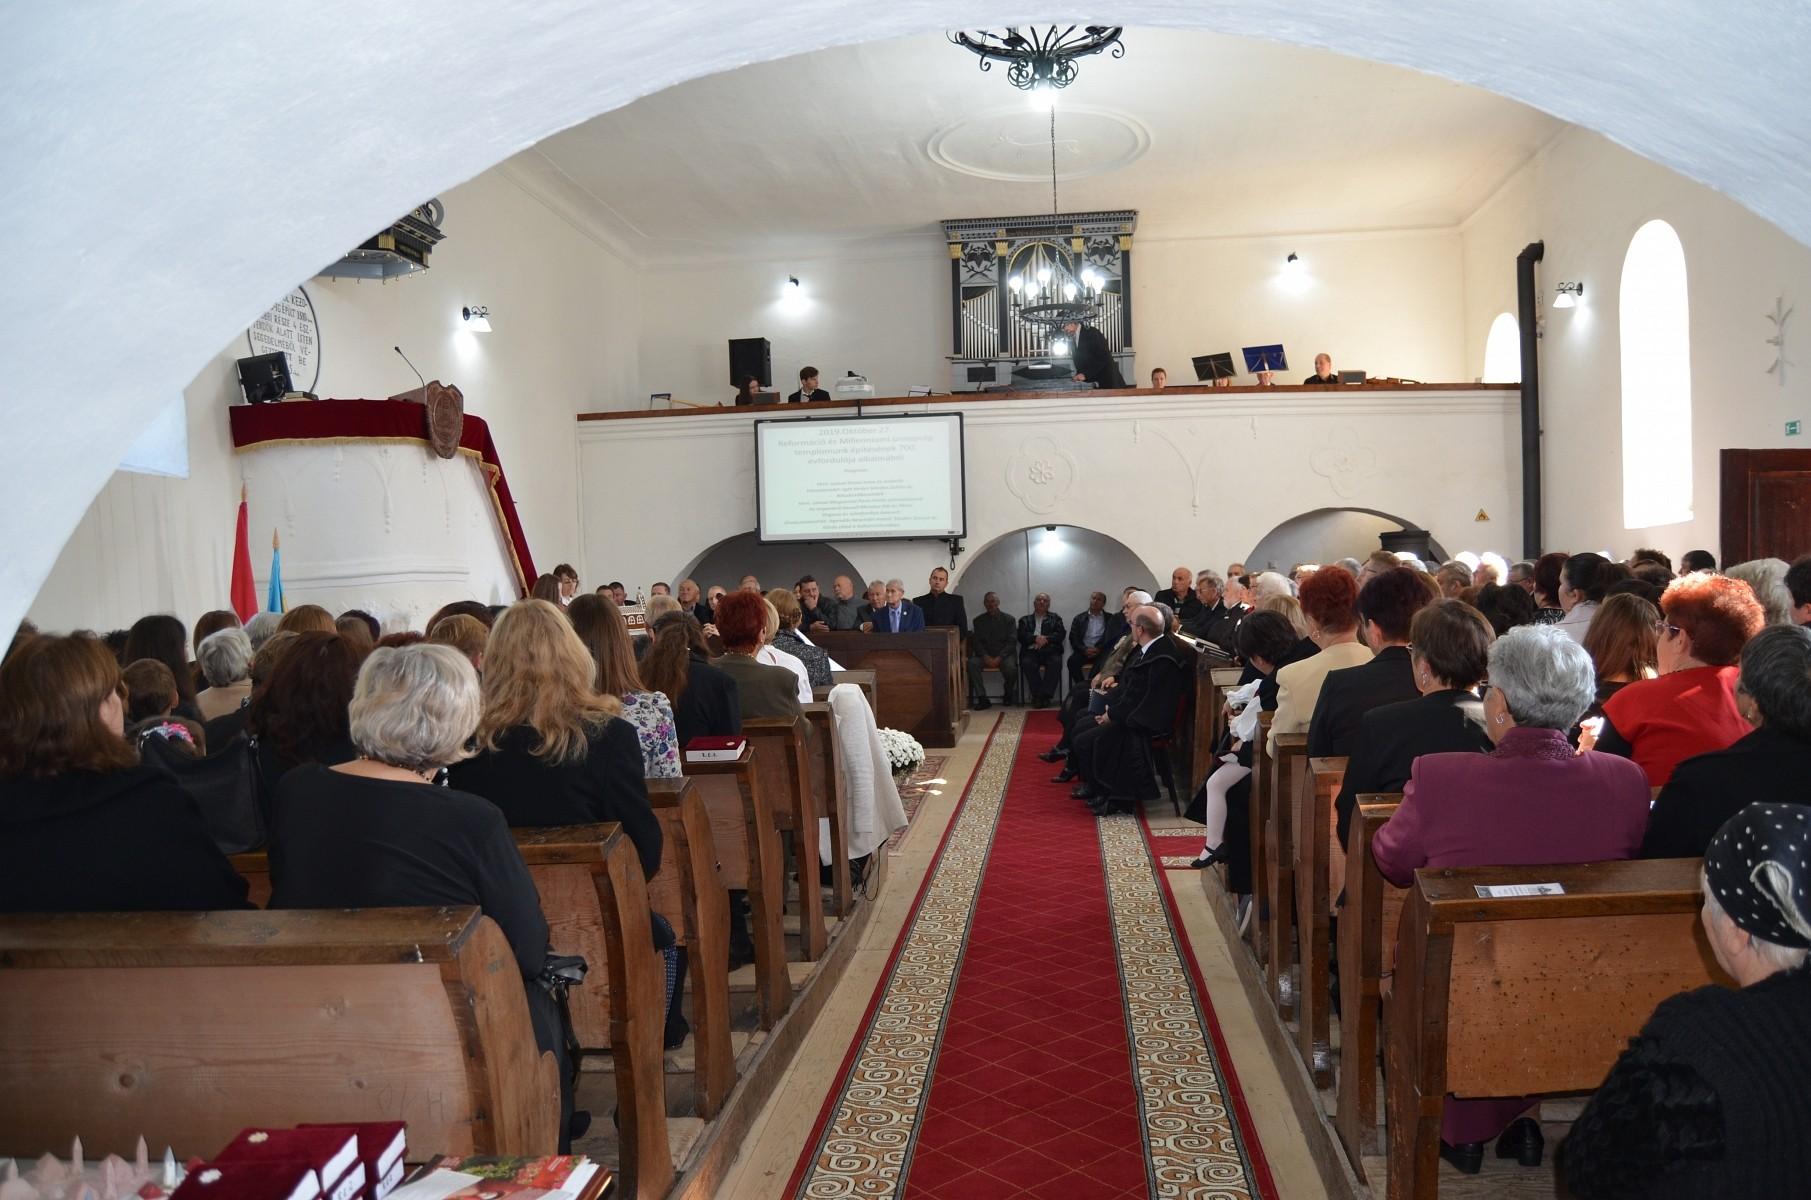 Jó nekünk itt lenni - Orgonaszentelés Zalánban